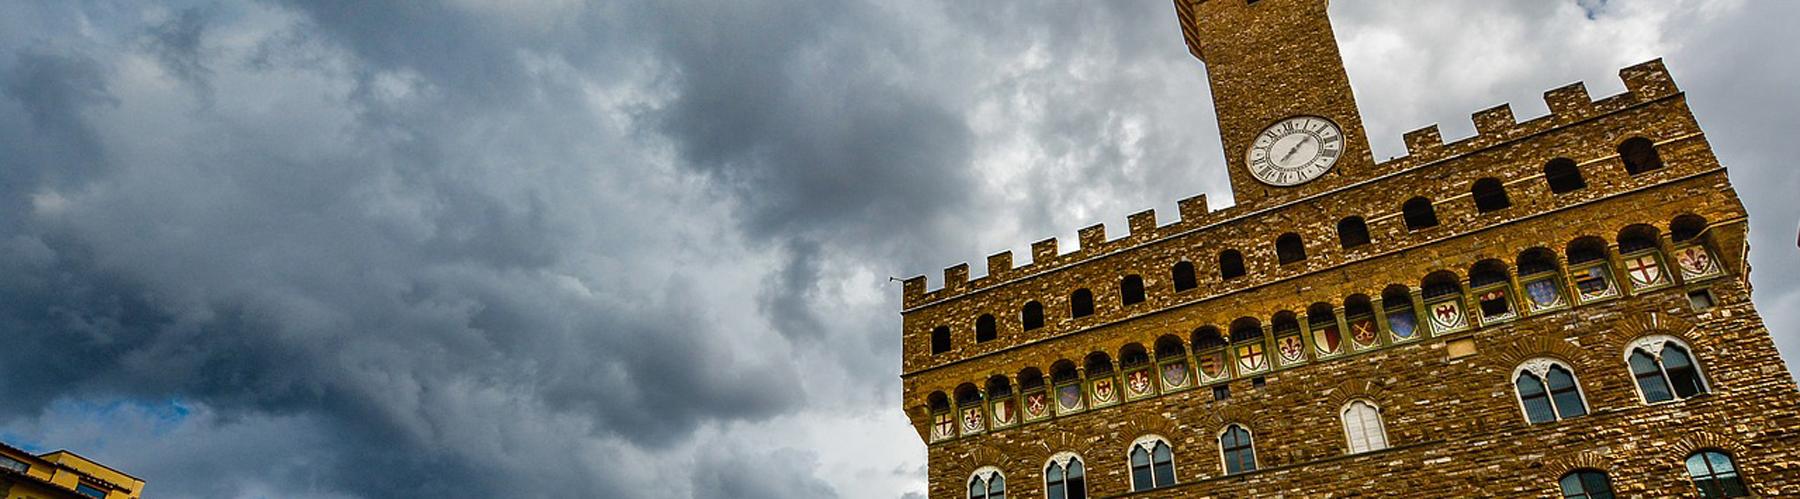 피렌체 - 시뇨리아 광장에 가까운 아파트. 피렌체의 지도, 피렌체에 위치한 아파트에 대한 사진 및 리뷰.